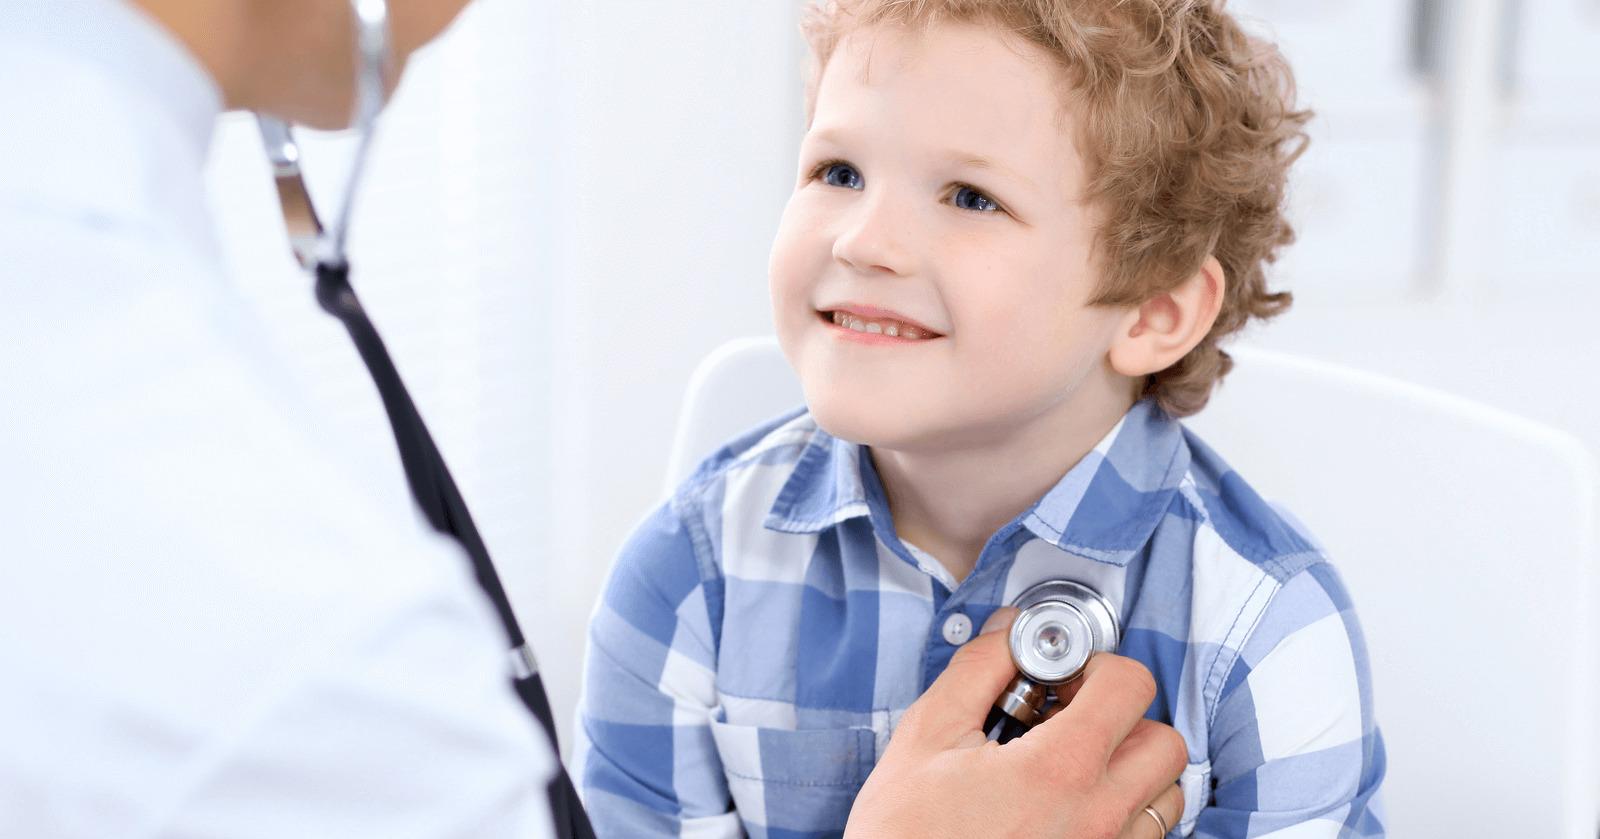 Bauchschmerzen Bei Baby & Kind Ursachen & Hilfe